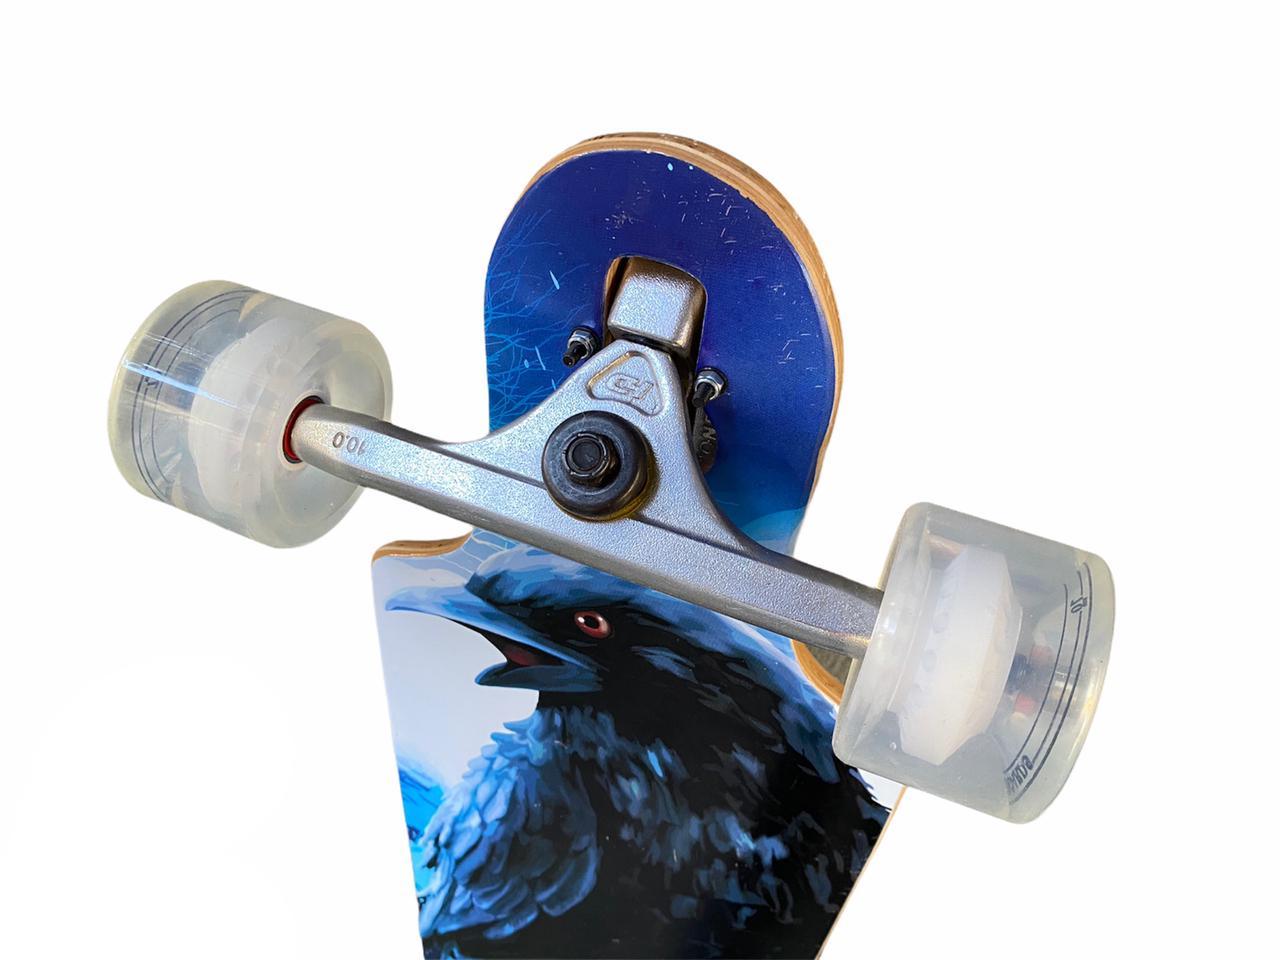 Skate Longboard Completo Hondar Corvo 38'' Rebaixado